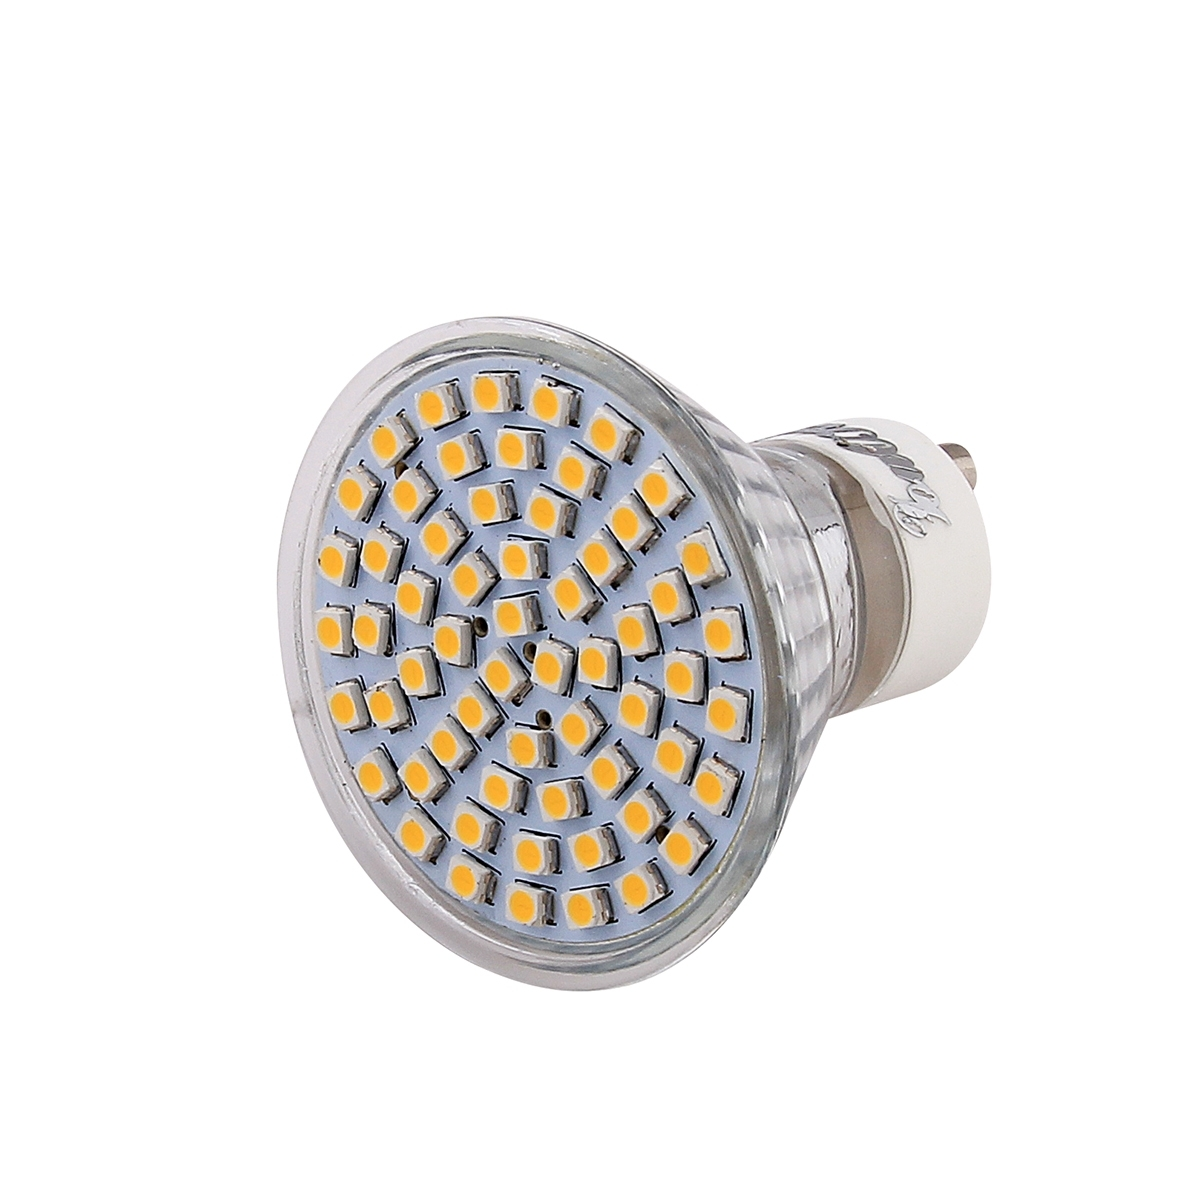 YouOKLight GU10 LED Spotlight White